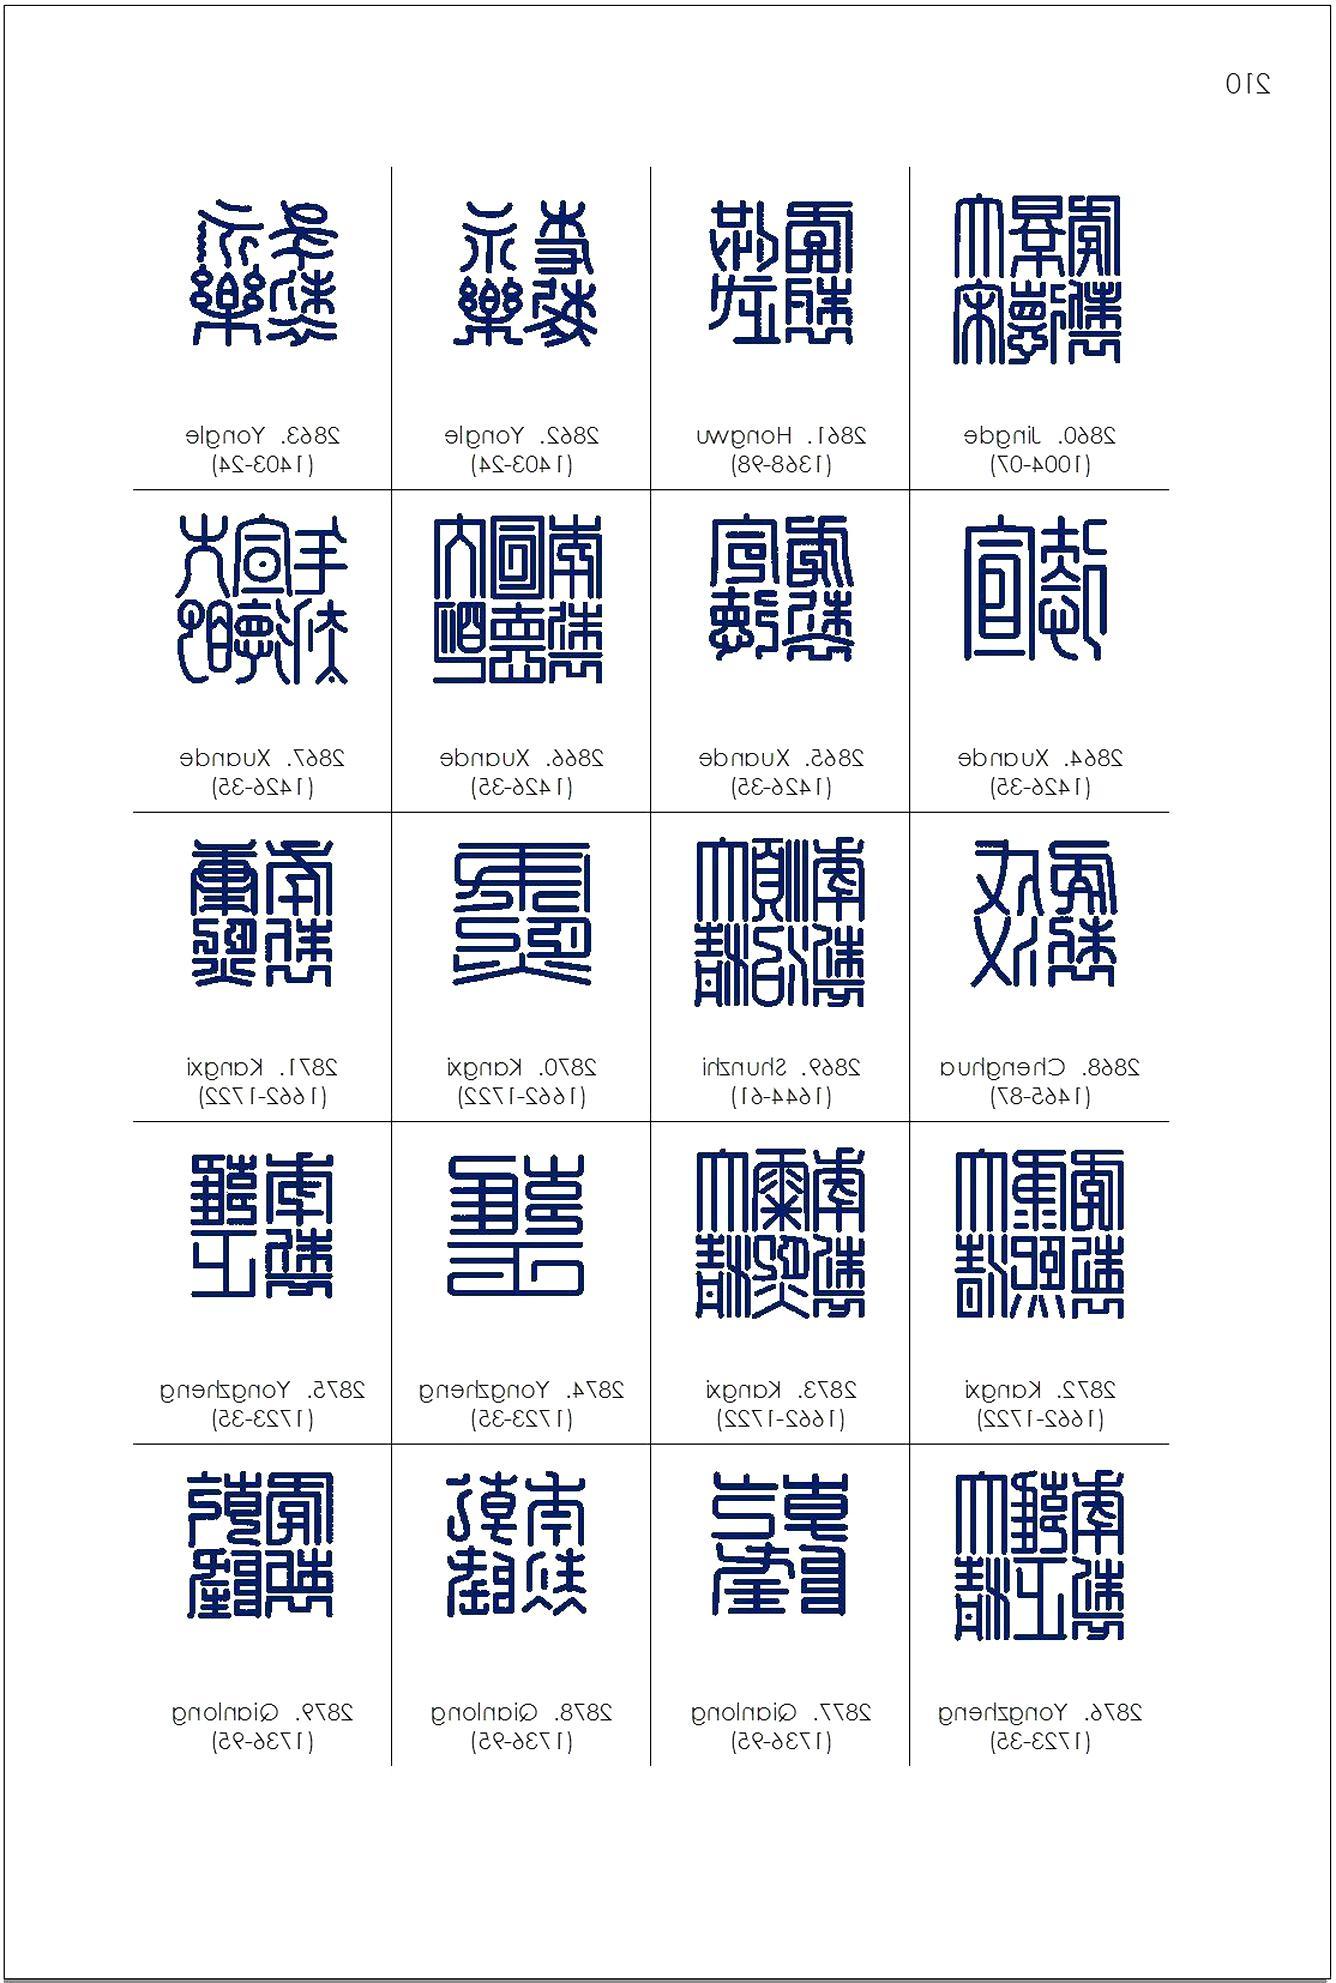 signature vase chinois d'occasion